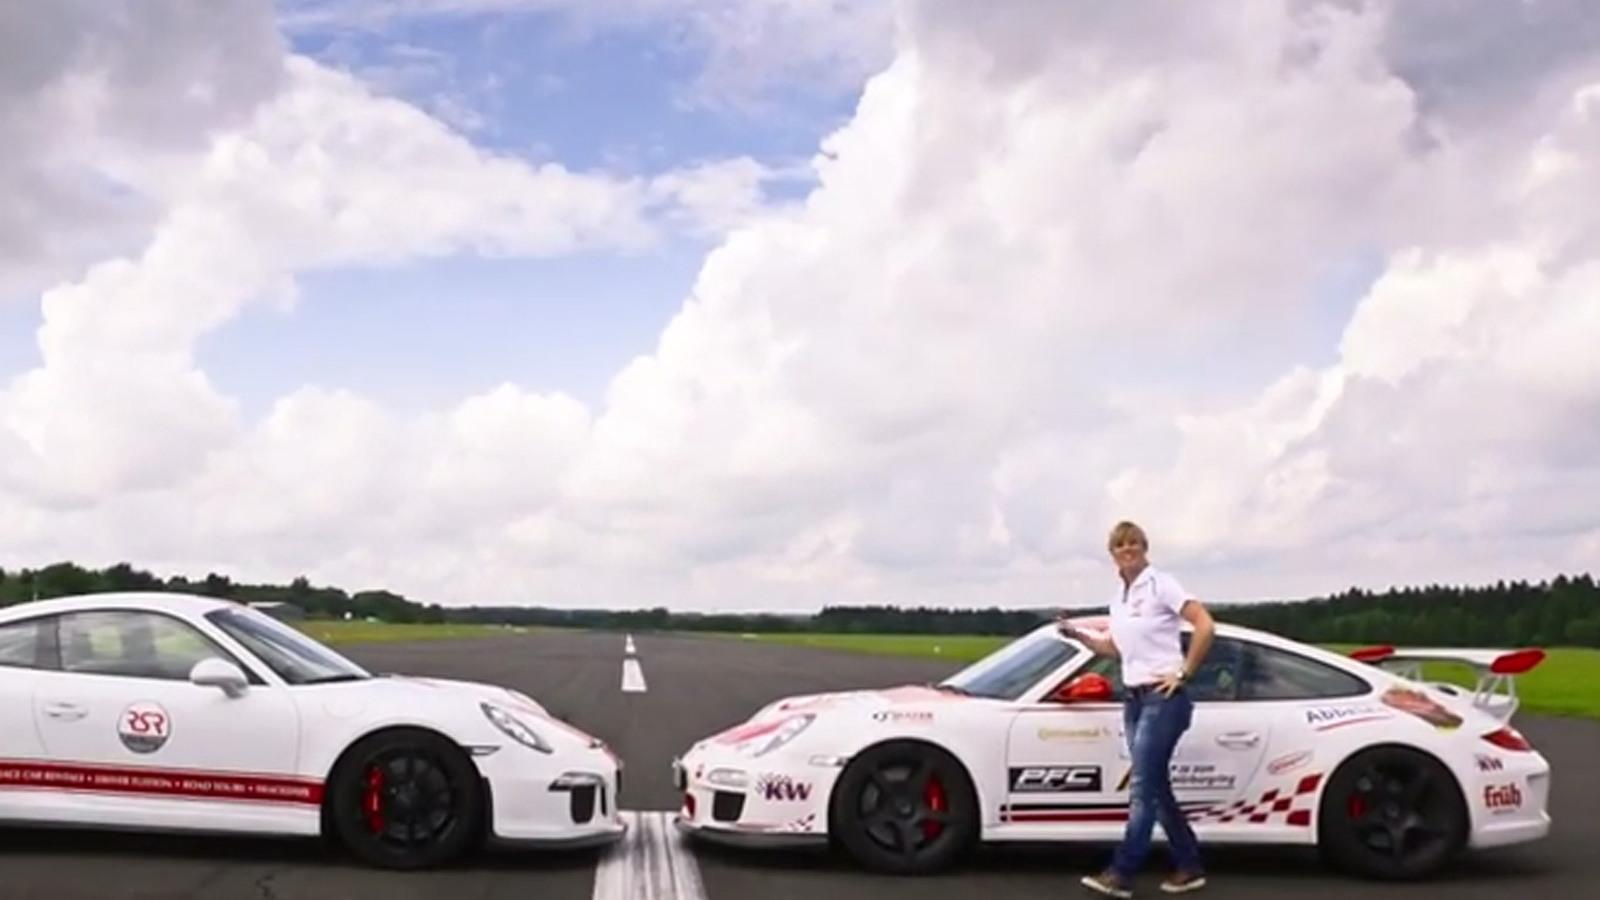 Sabine Schmitz and a pair of Porsche 911 GT3s